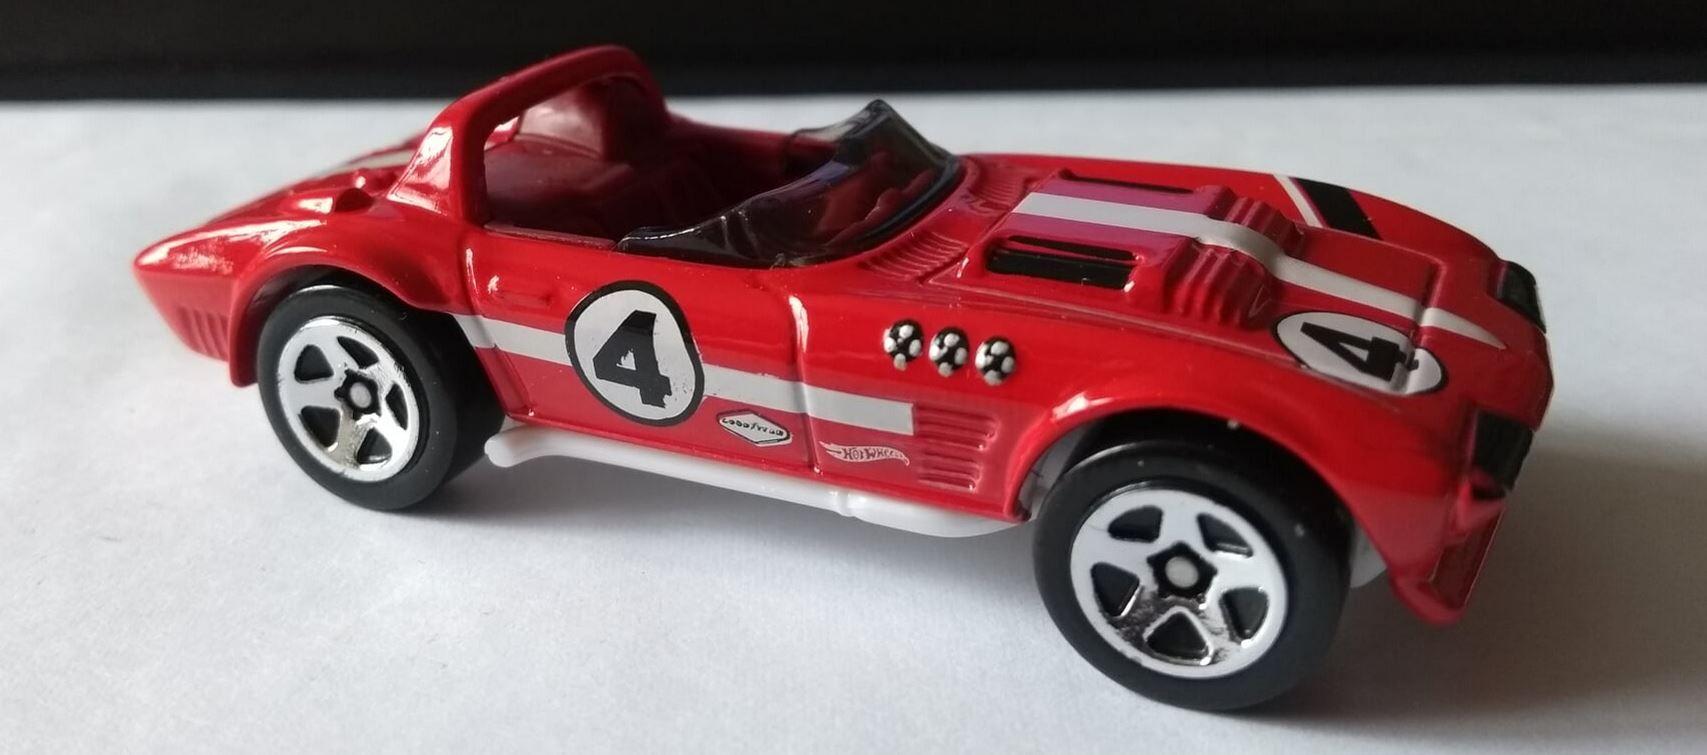 Hot Wheels Corvette Grand Sport Roadster red